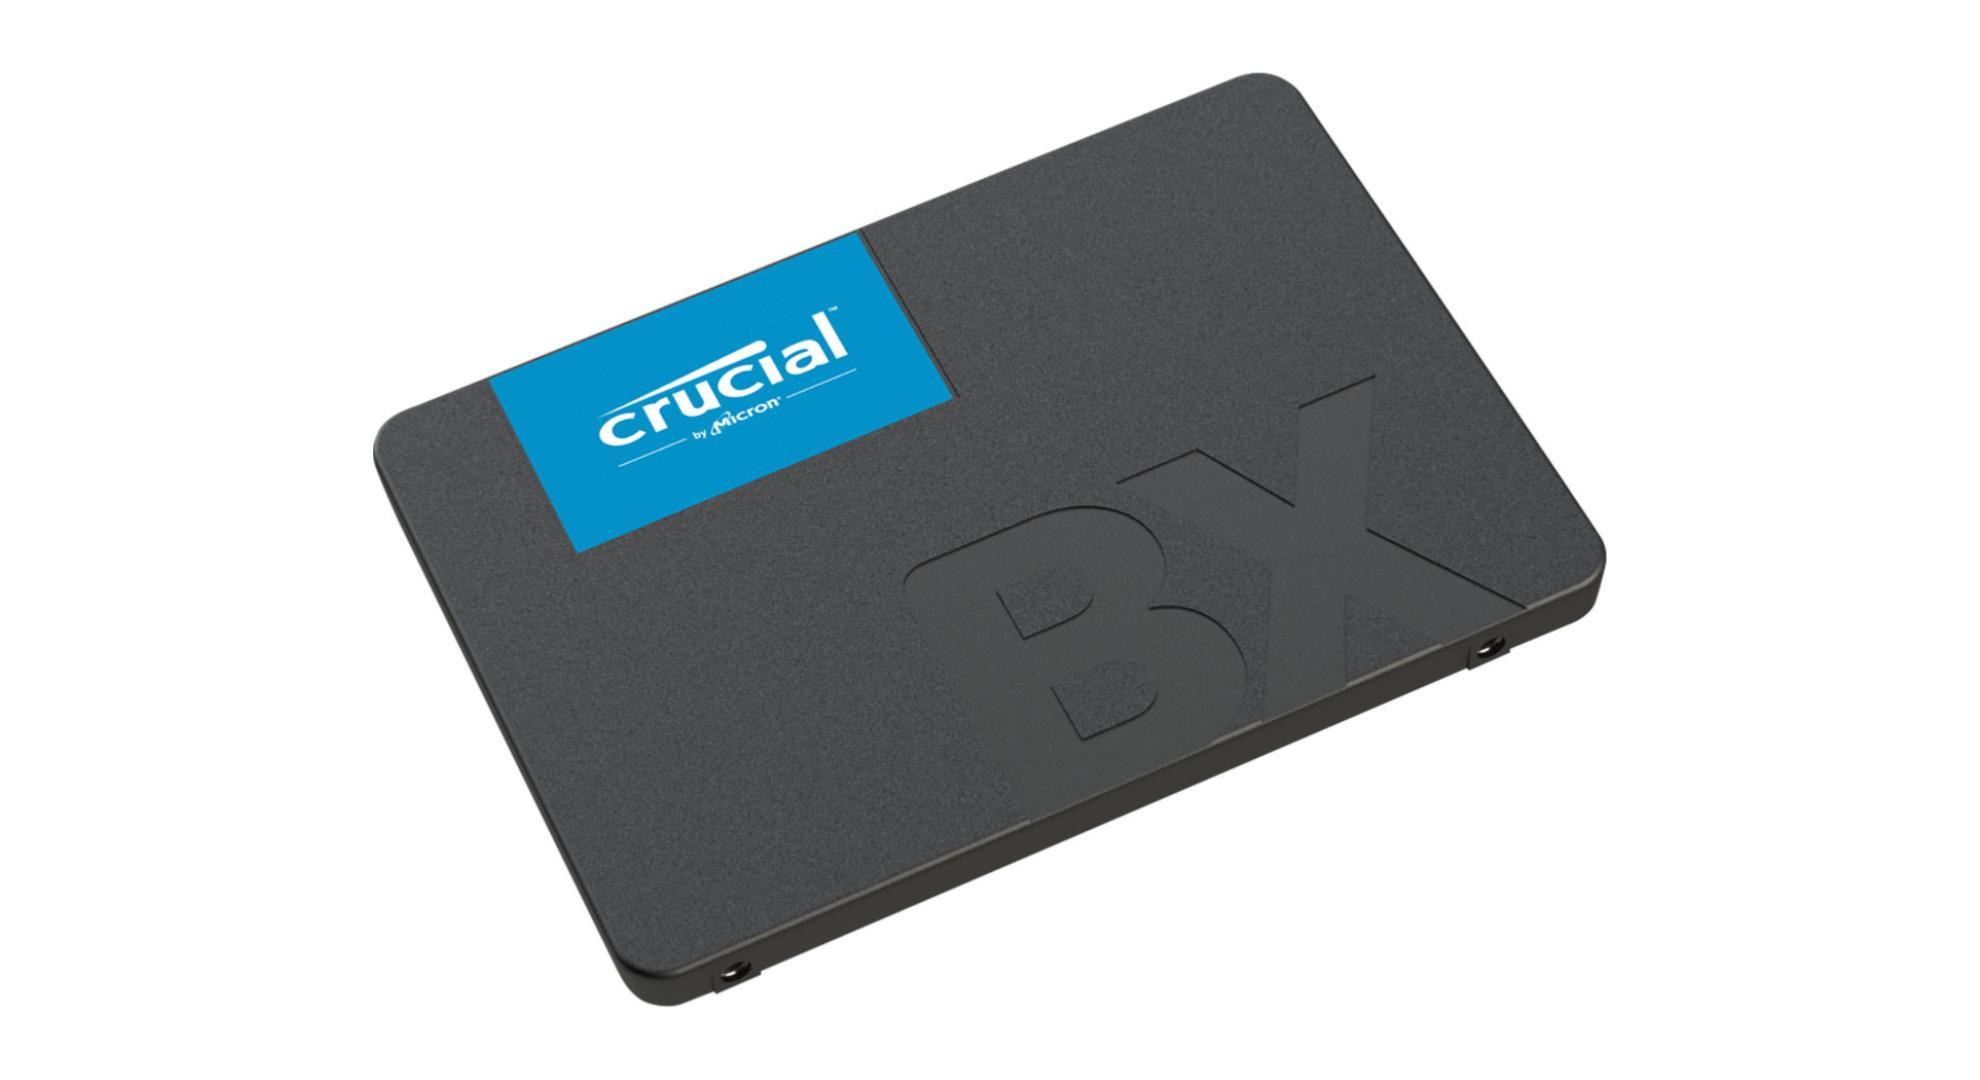 🔥 Bon plan : 4 SSD Crucial (120, 240, 480 et 960 Go) à partir de 20 euros sur Amazon